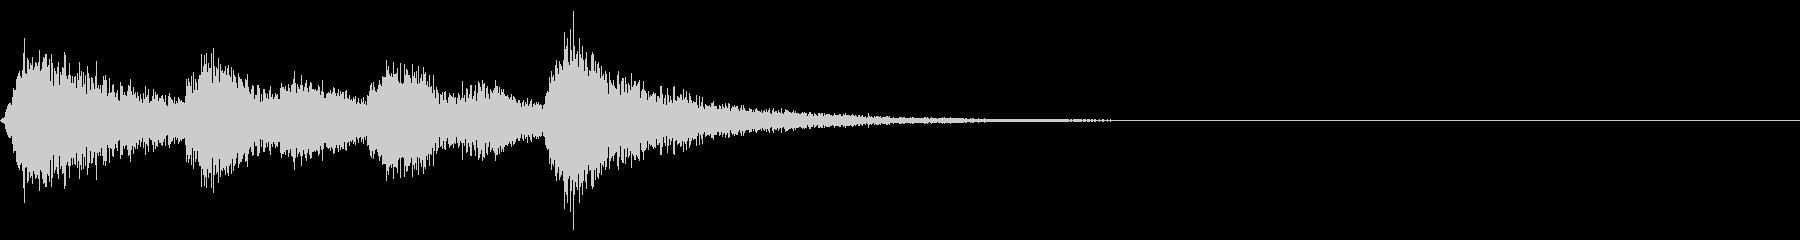 壮大なストリングスのジングル・4の未再生の波形